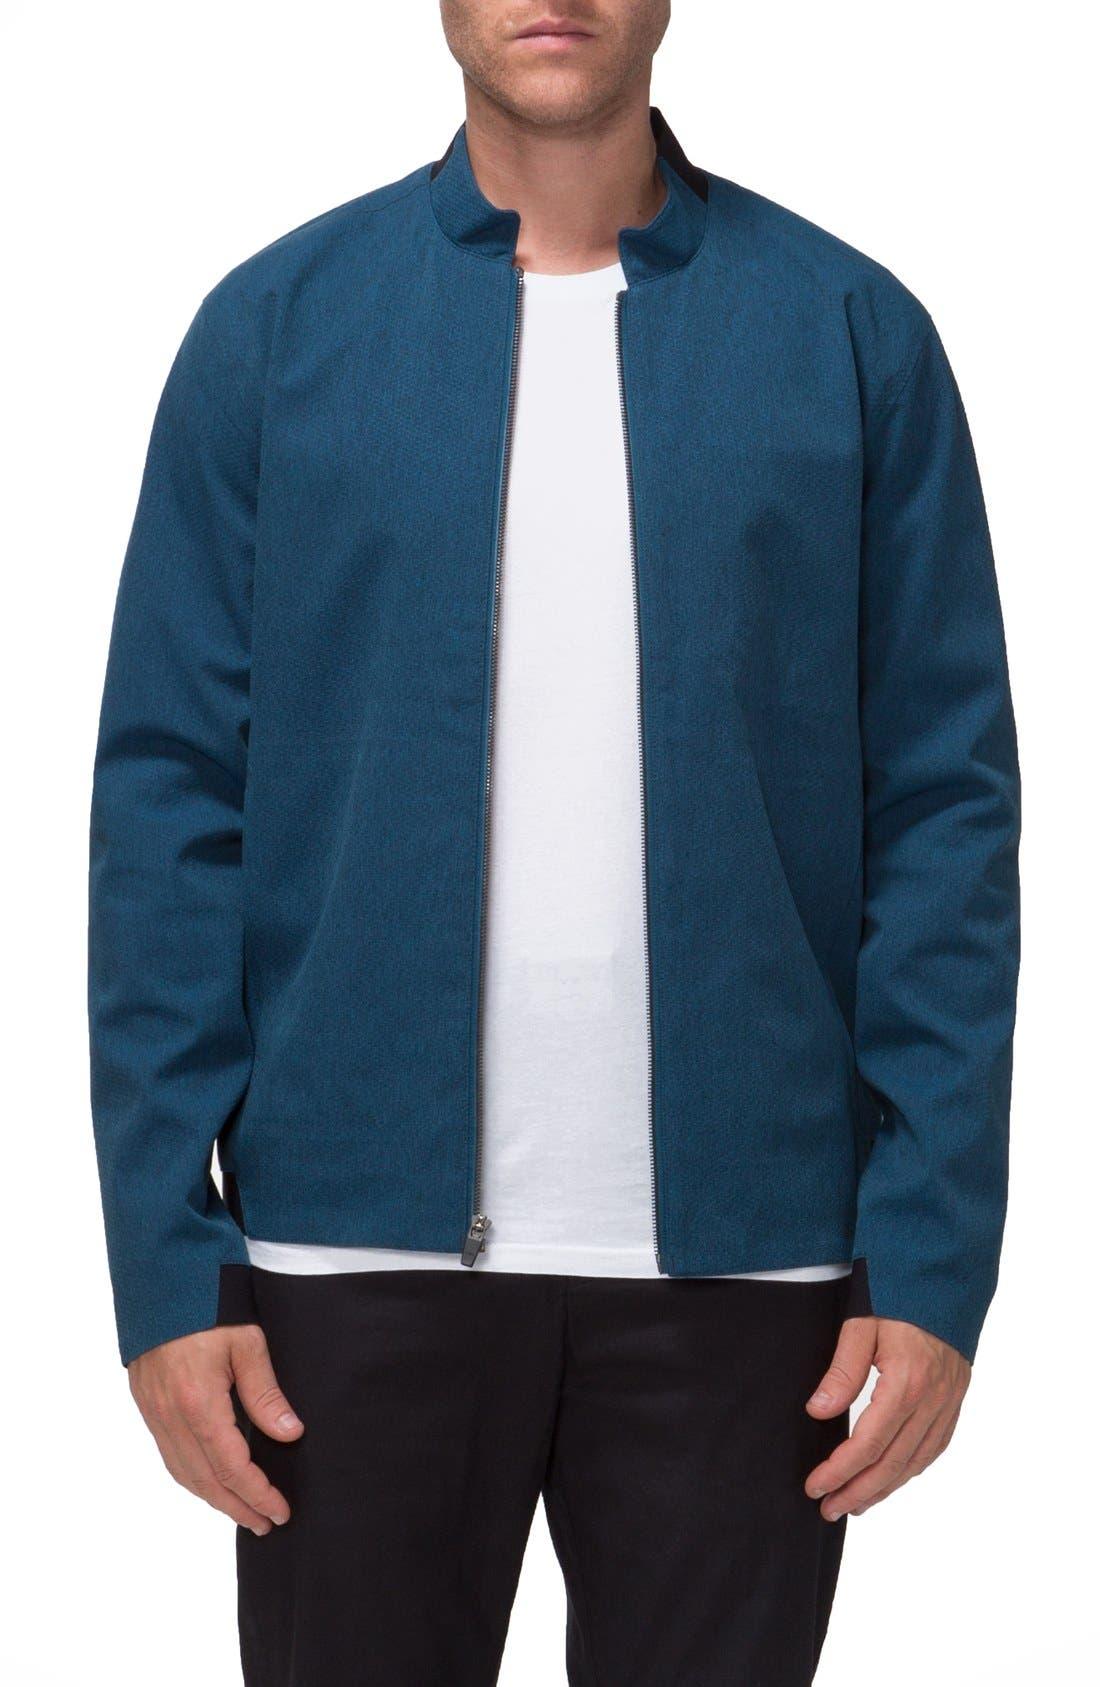 TAVIK Terrace Water Repellent Zip Jacket